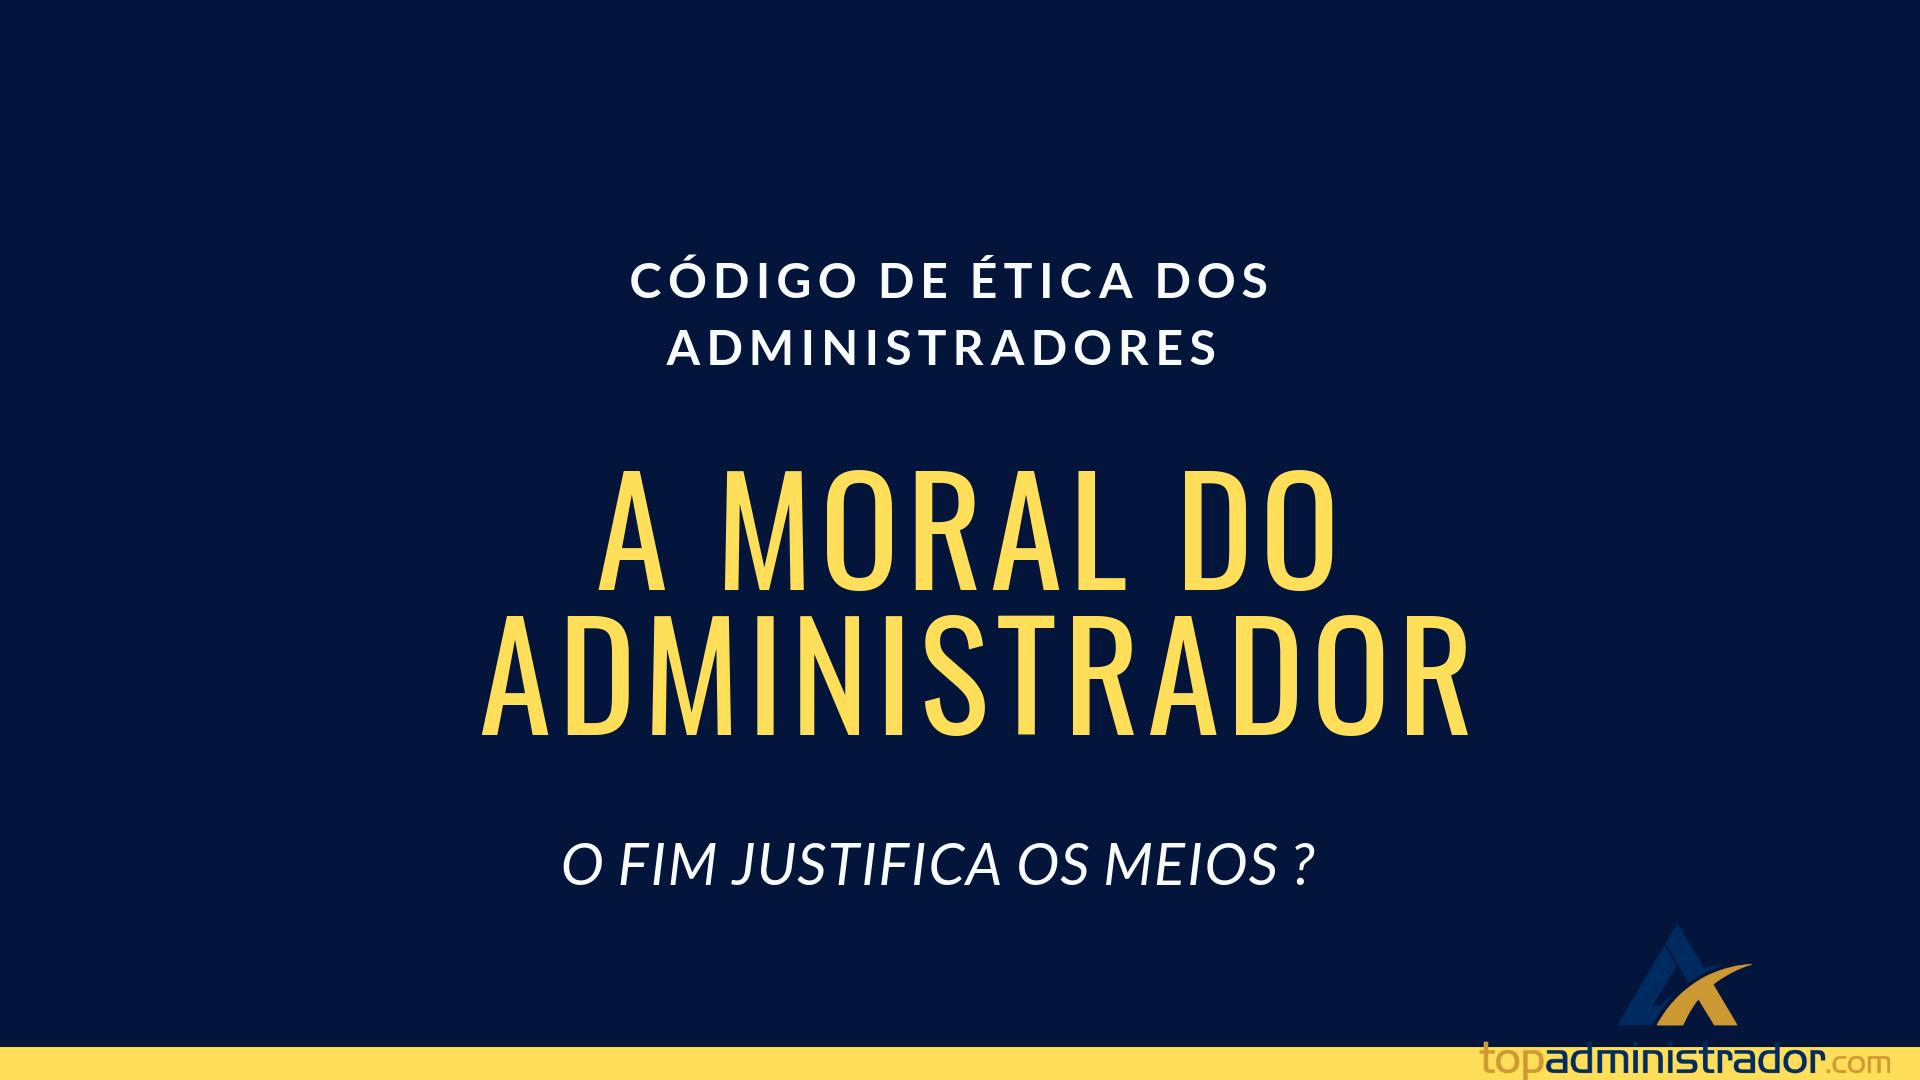 A moral do Administrador - O FIM JUSTIFICA OS MEIOS?